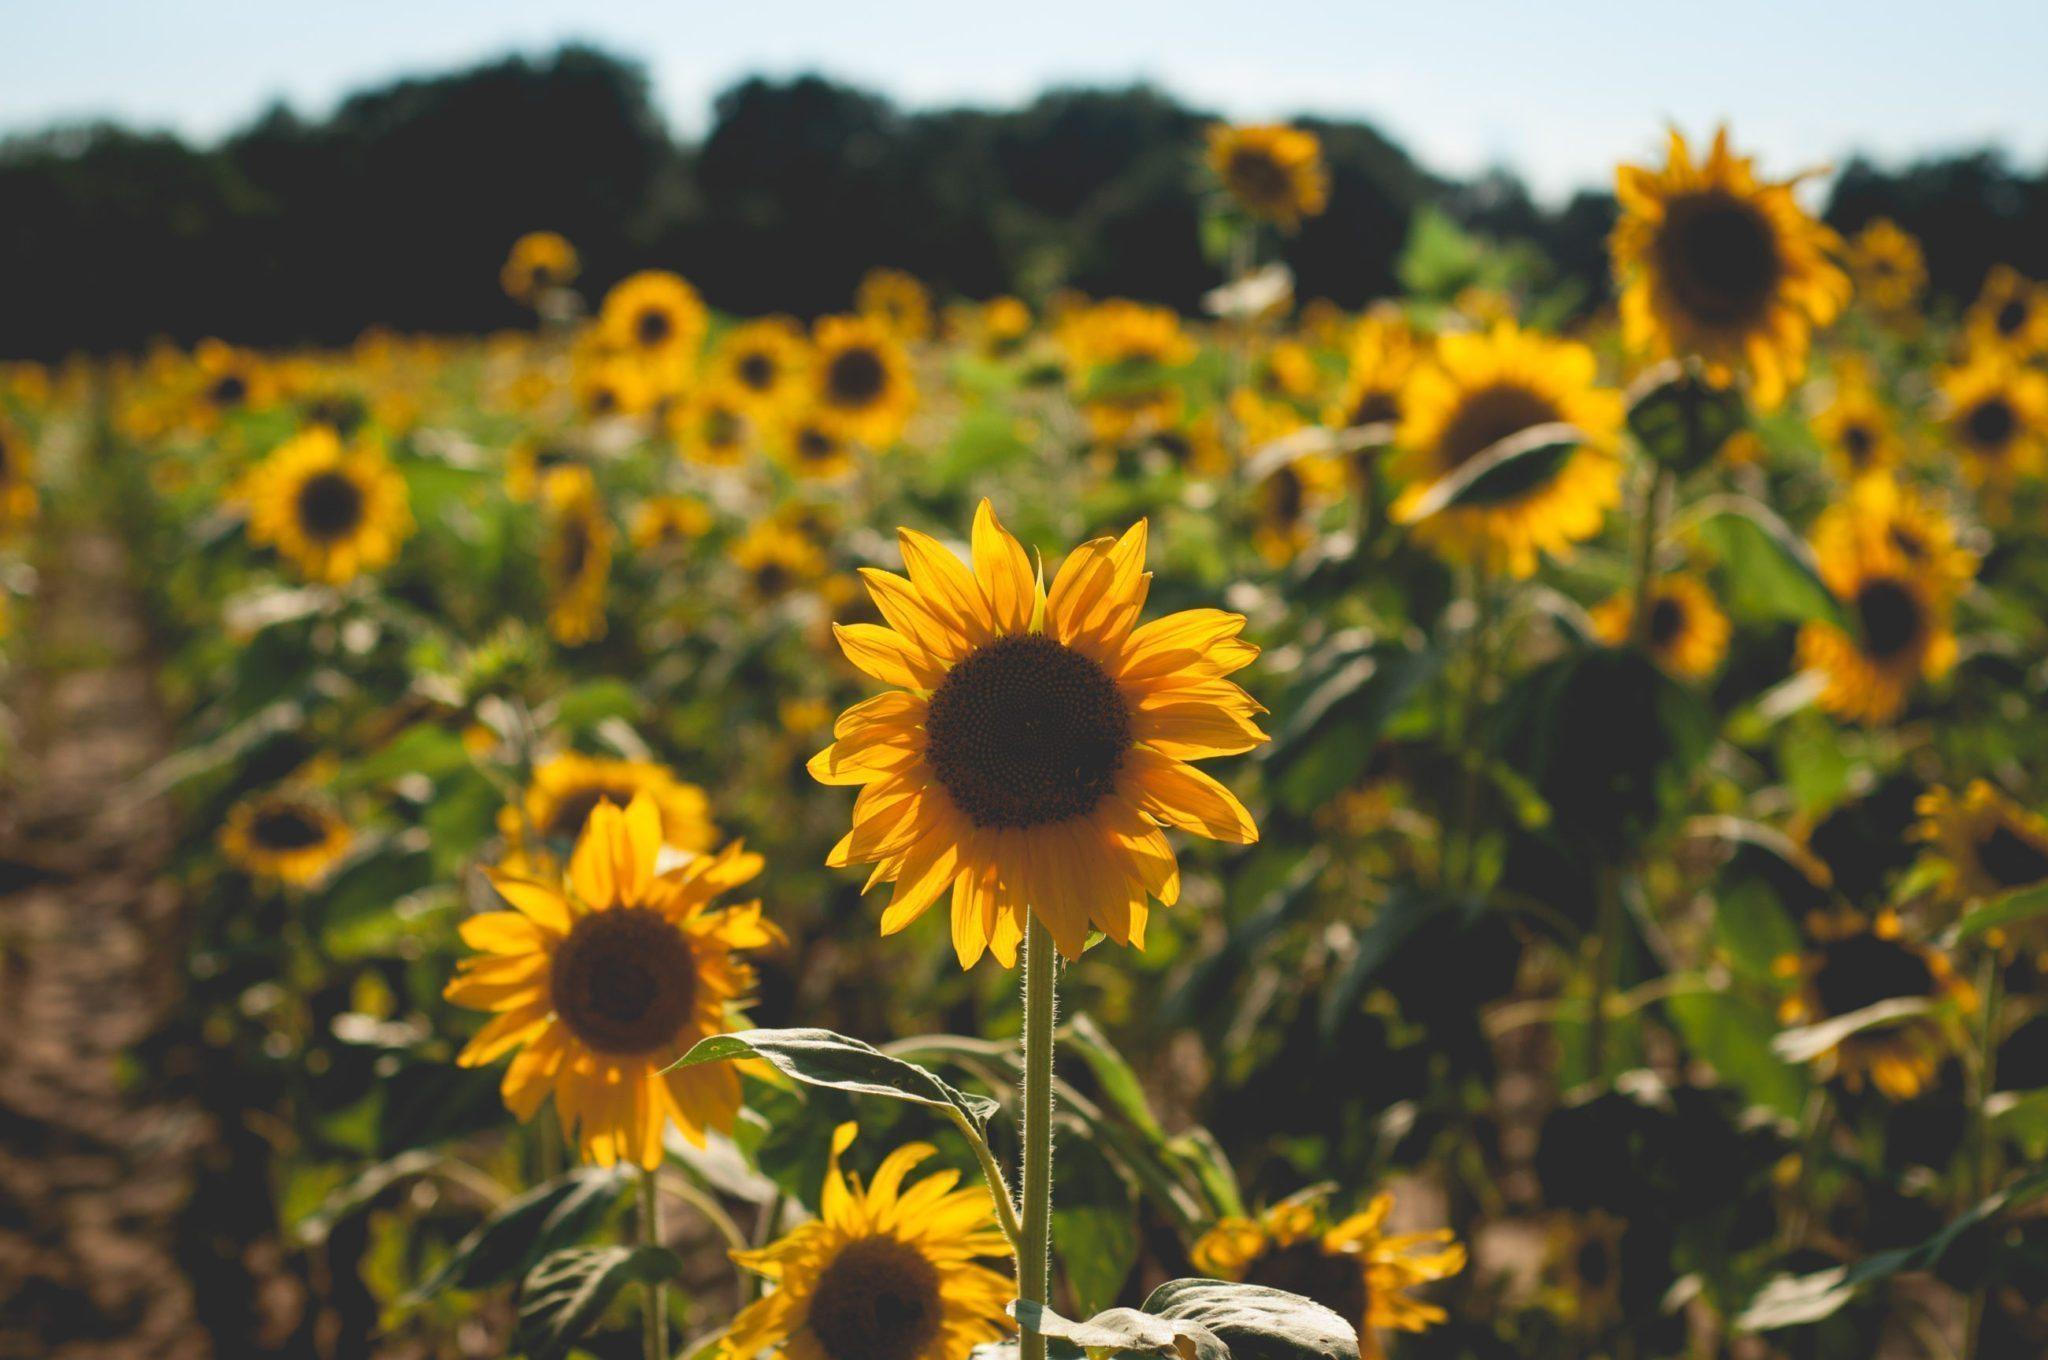 Sunflower Fields Forever | Light by Megan Rae